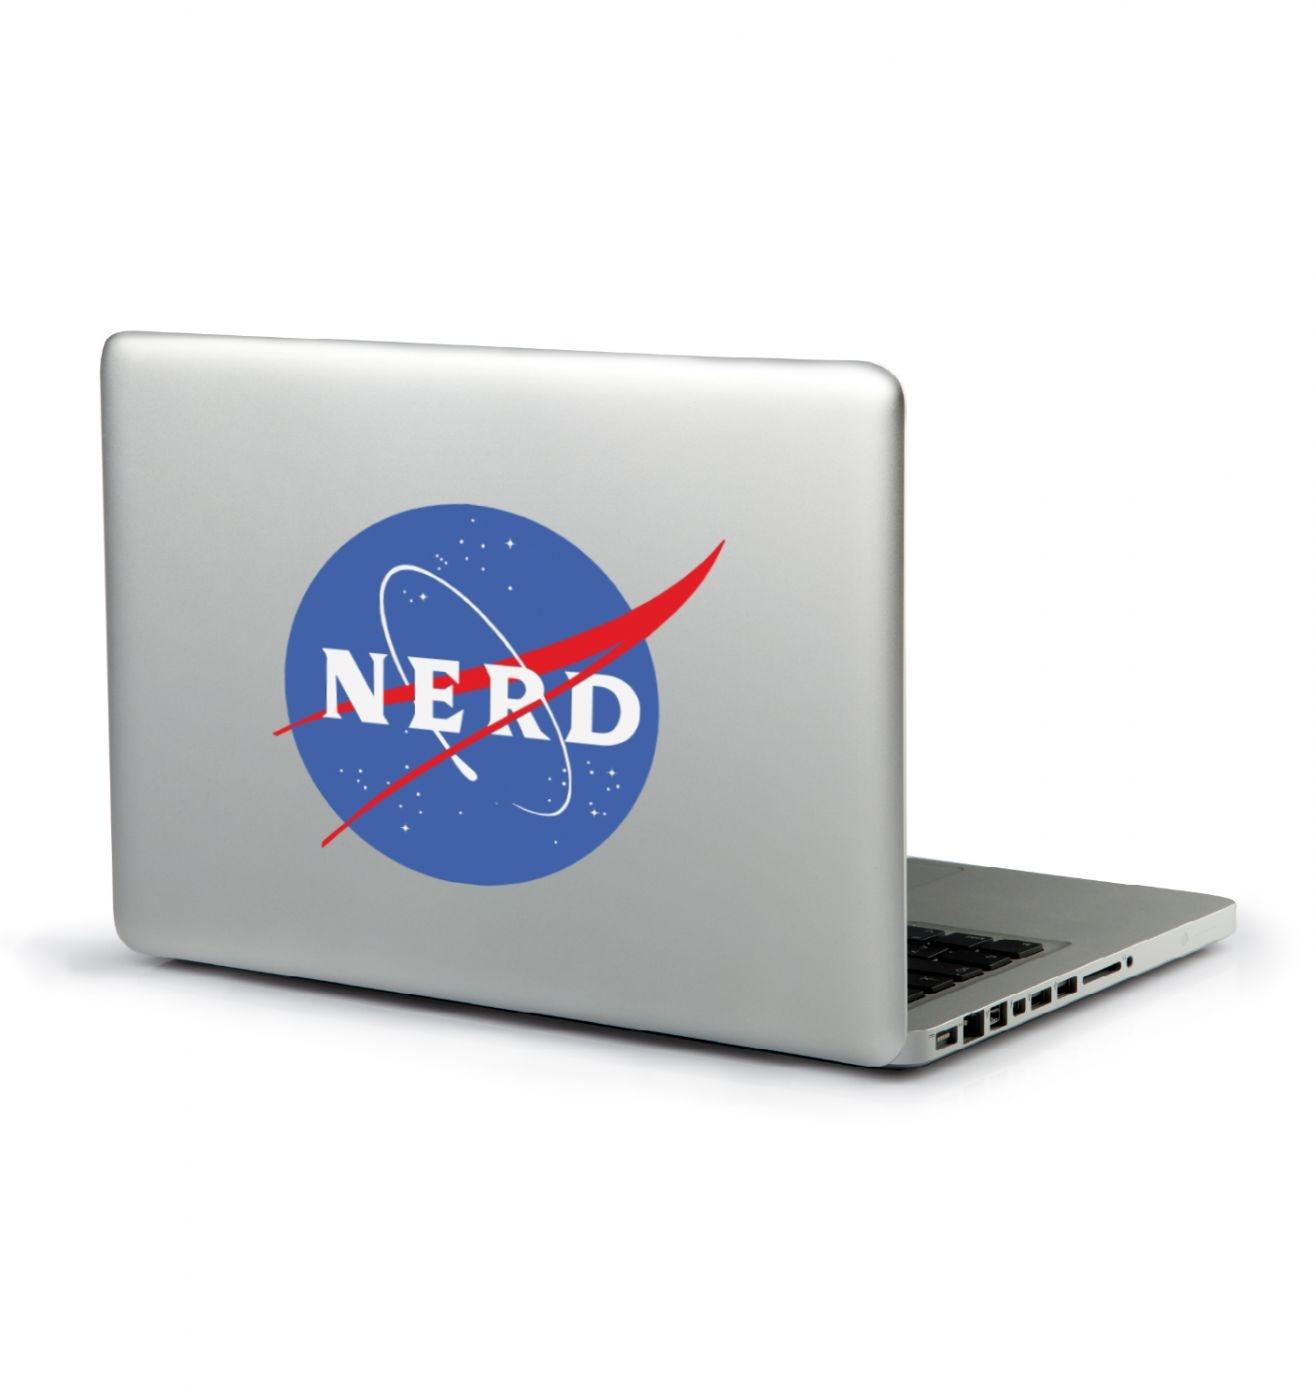 NASA NERD laptop sticker